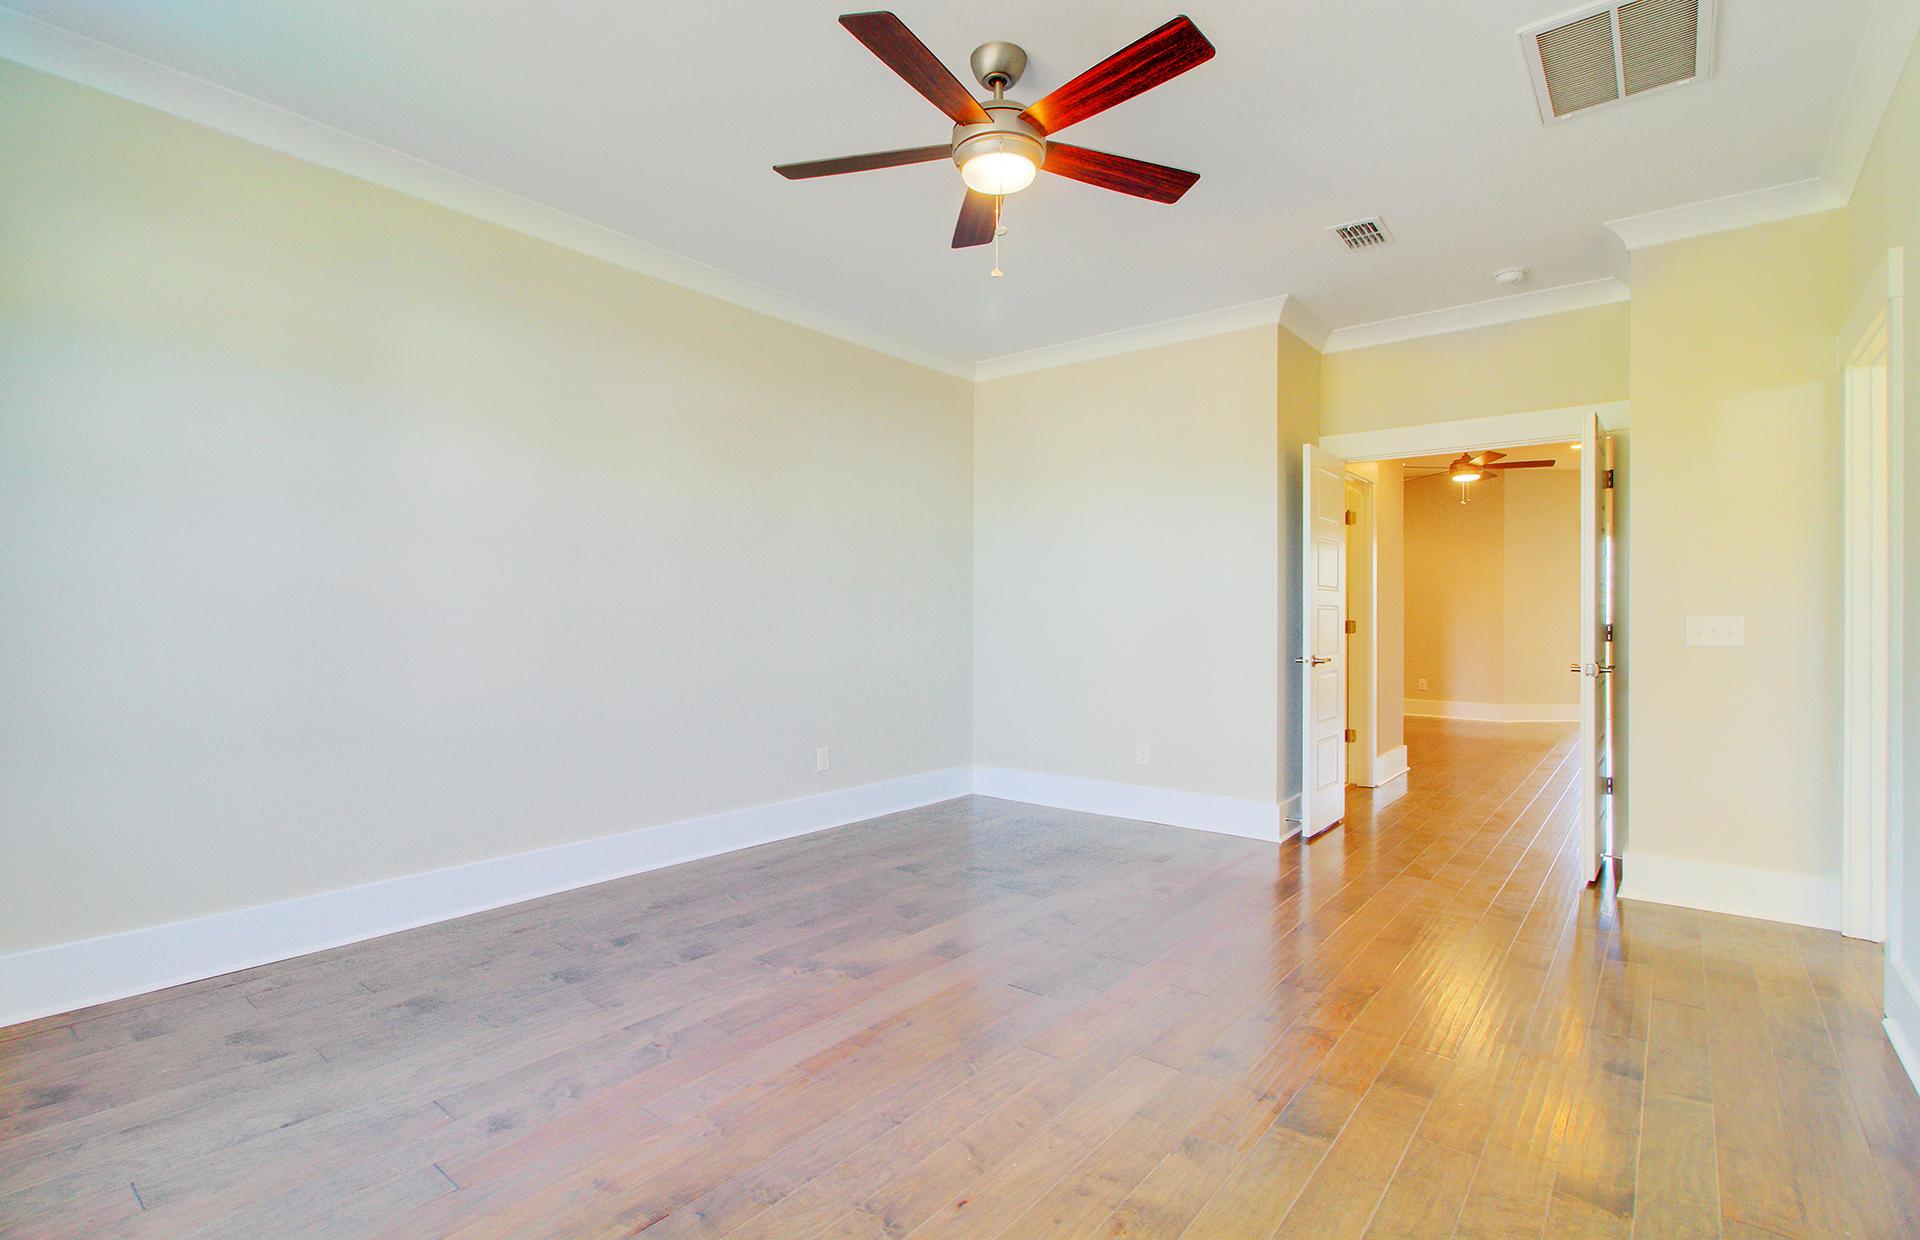 Dunes West Homes For Sale - 2420 Brackish, Mount Pleasant, SC - 0